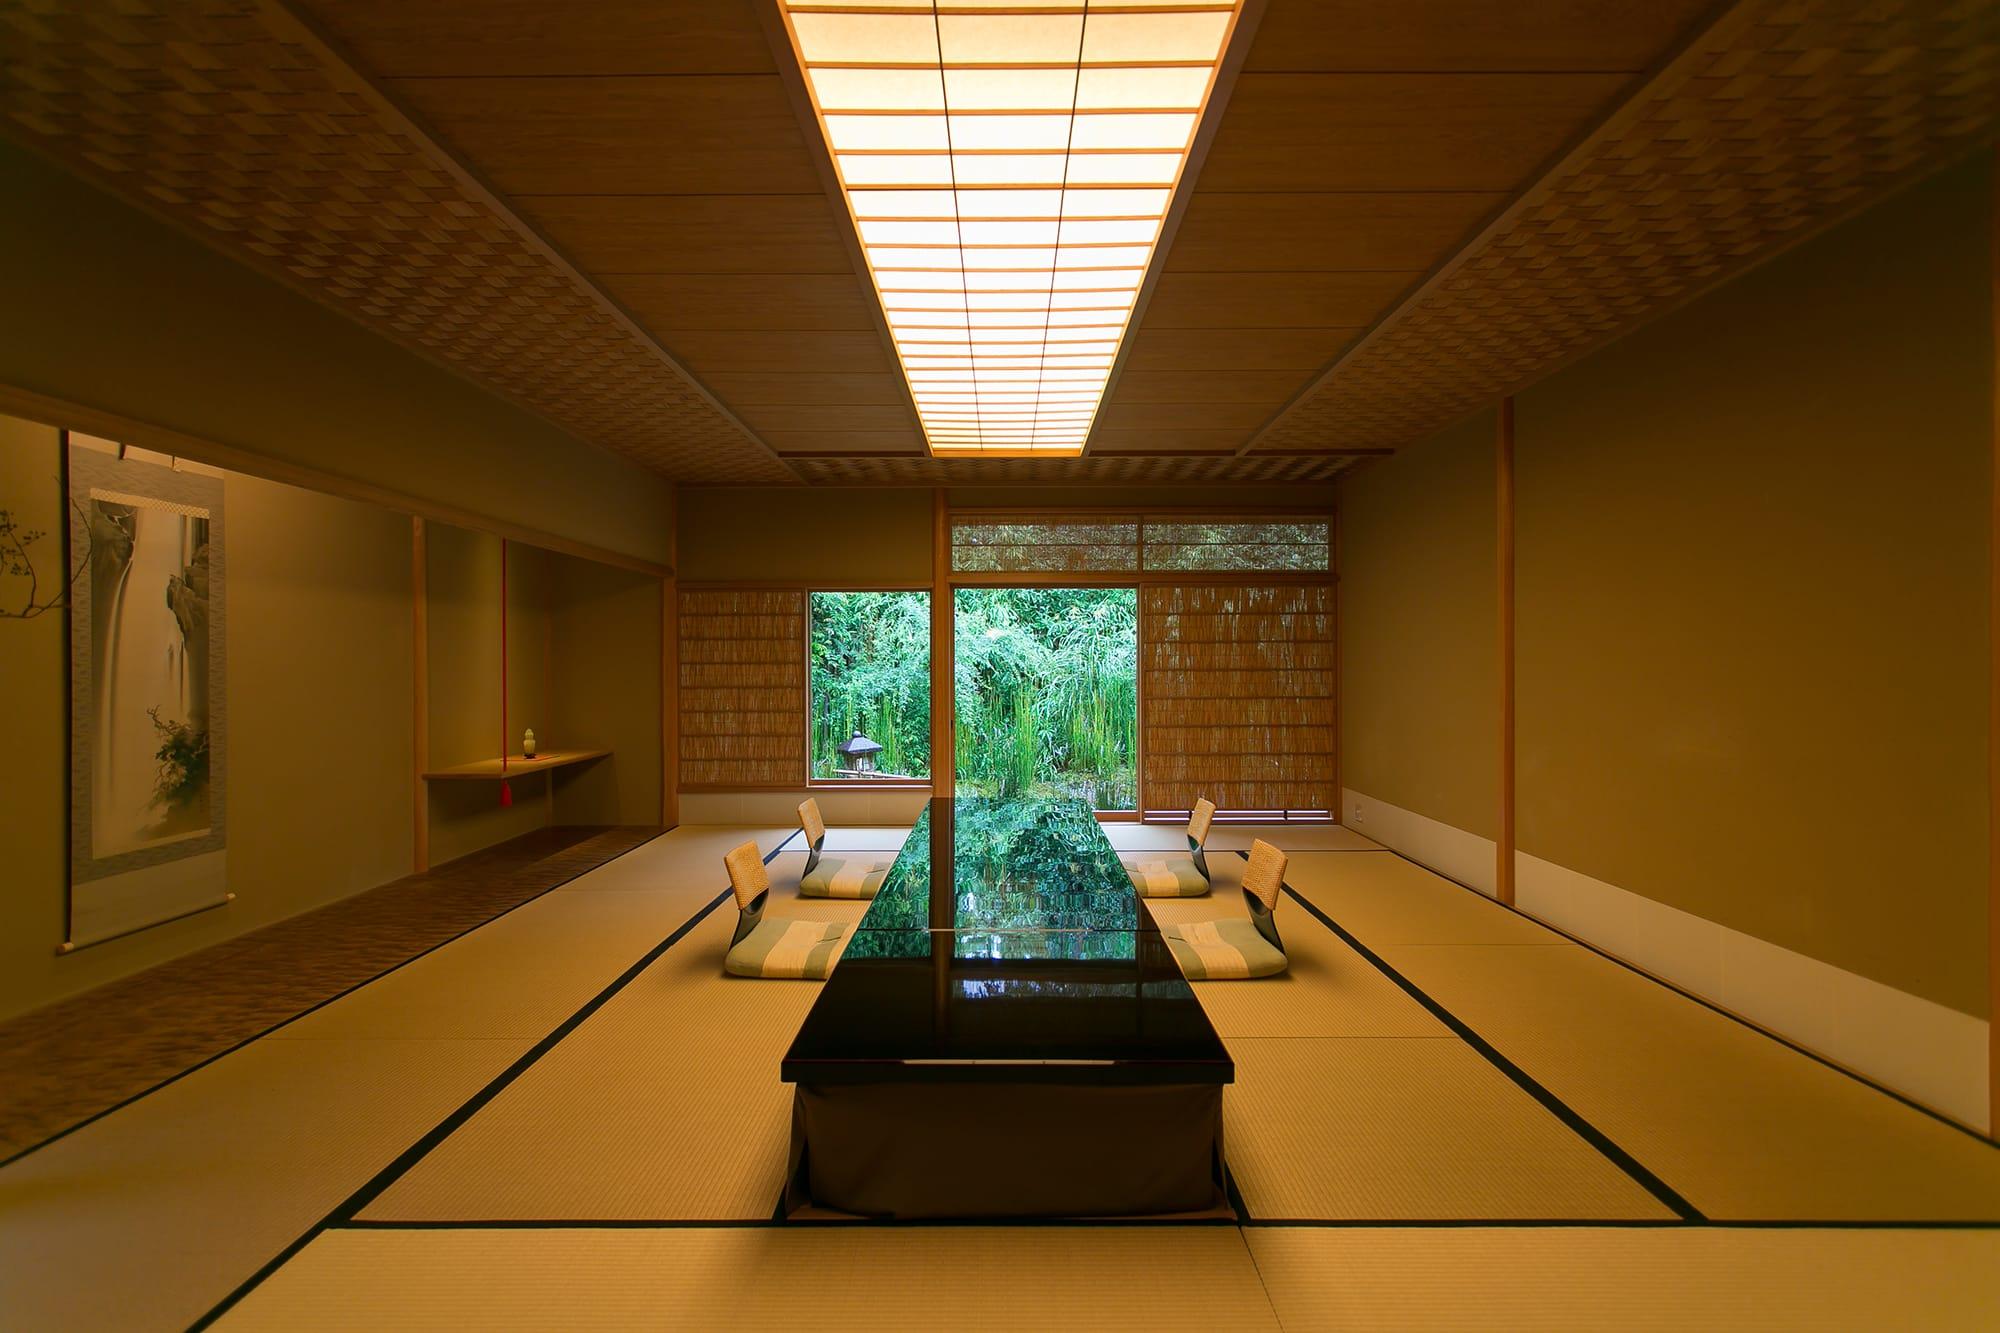 京都東山・高台寺の緑に囲まれ、静かな佇まいをみせる菊乃井本店。江戸末期に建てられた数寄屋造りの本店には個室が11室用意されており、いずれの個室からも庭を愛でることができる。